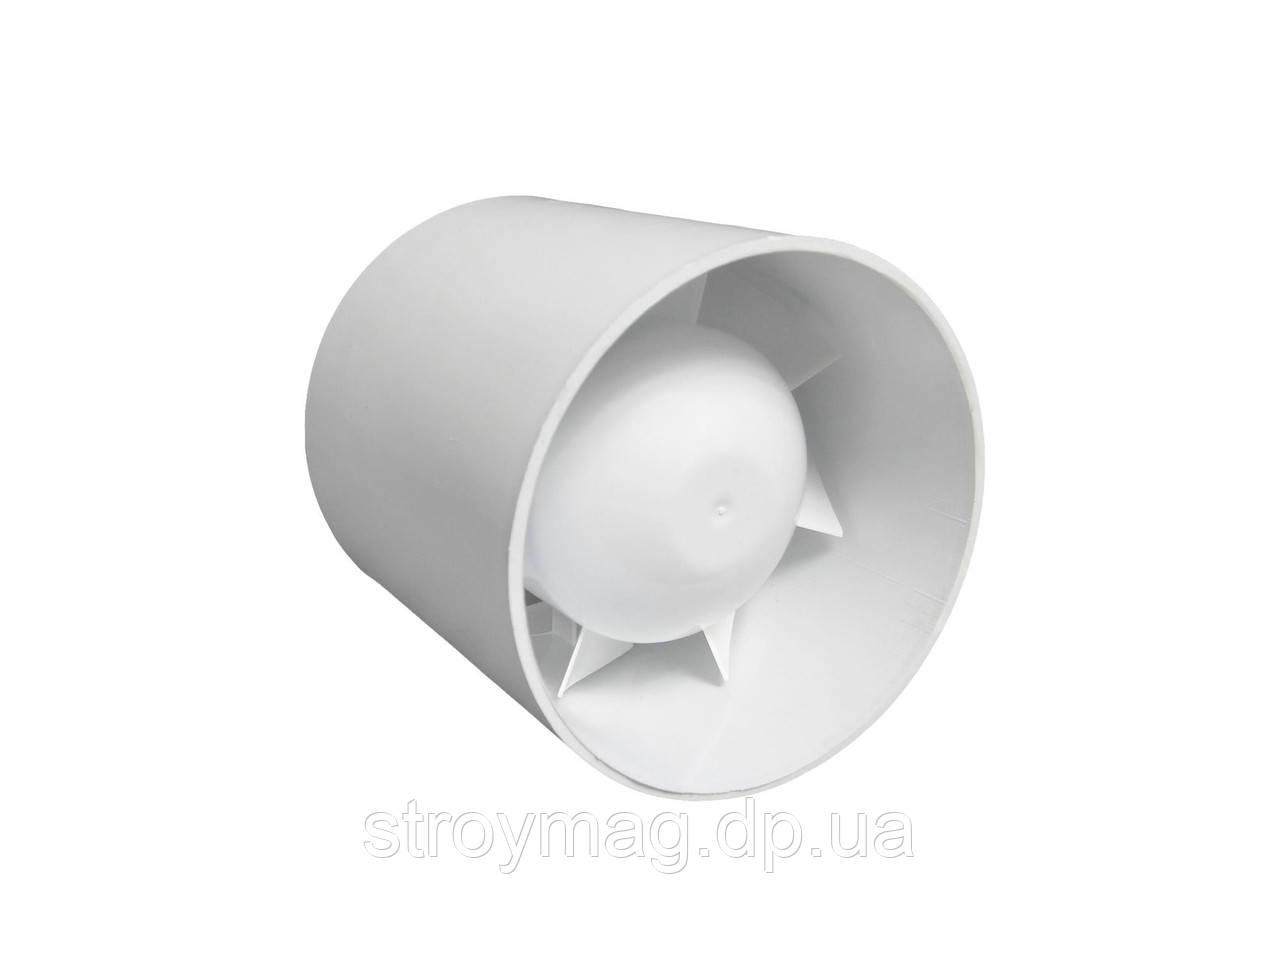 Вентилятор канальный Dospel EURO 1 100 (007-0051)